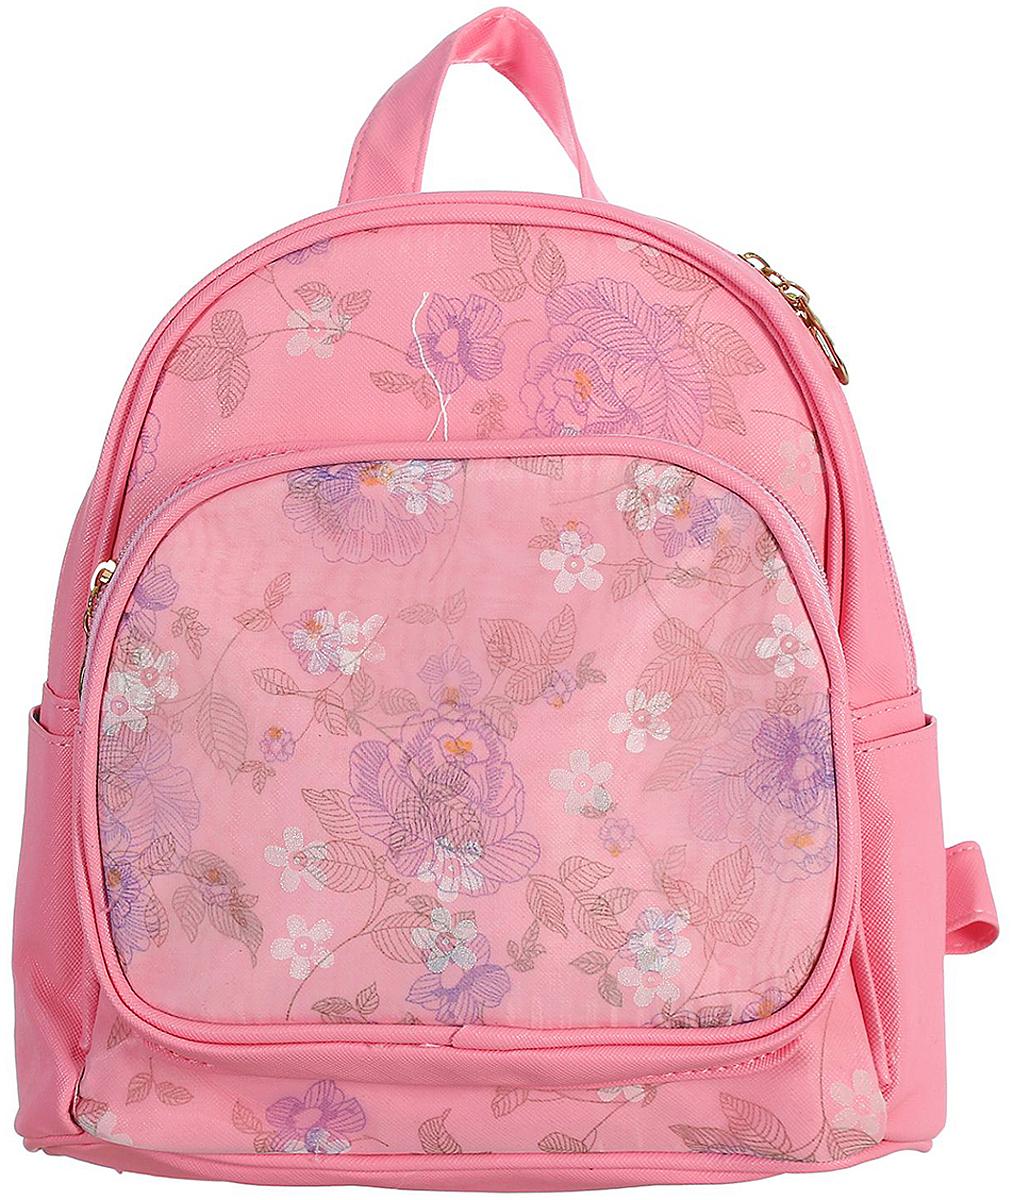 58ed203b0e9d Рюкзак детский Цветы цвет розовый 1470171 — купить в интернет-магазине OZON. ru с быстрой доставкой